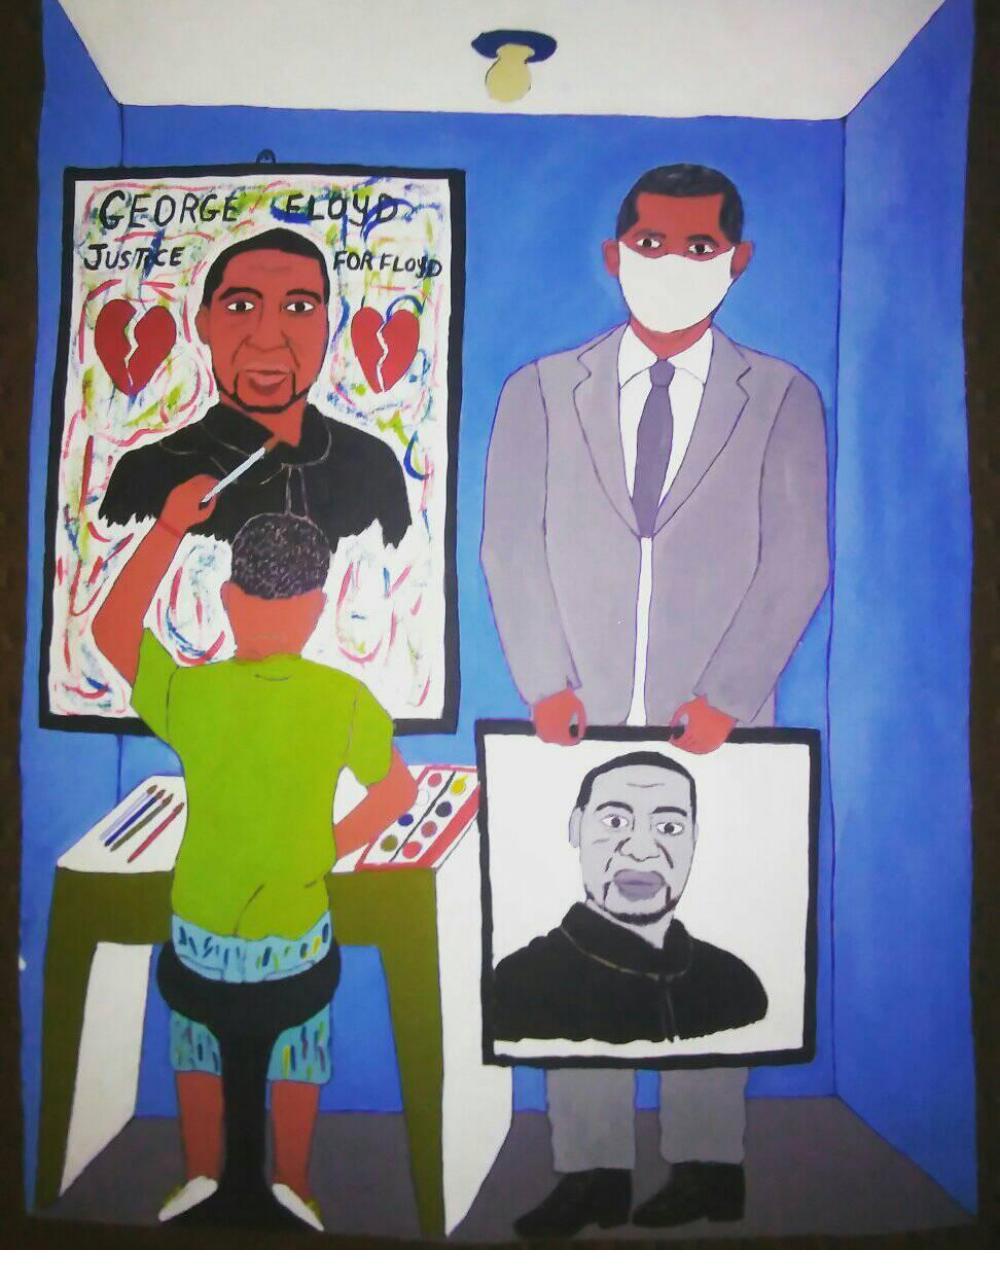 Tribute to George Floyd - Herold Pierre Louis (Haiti, 2020)